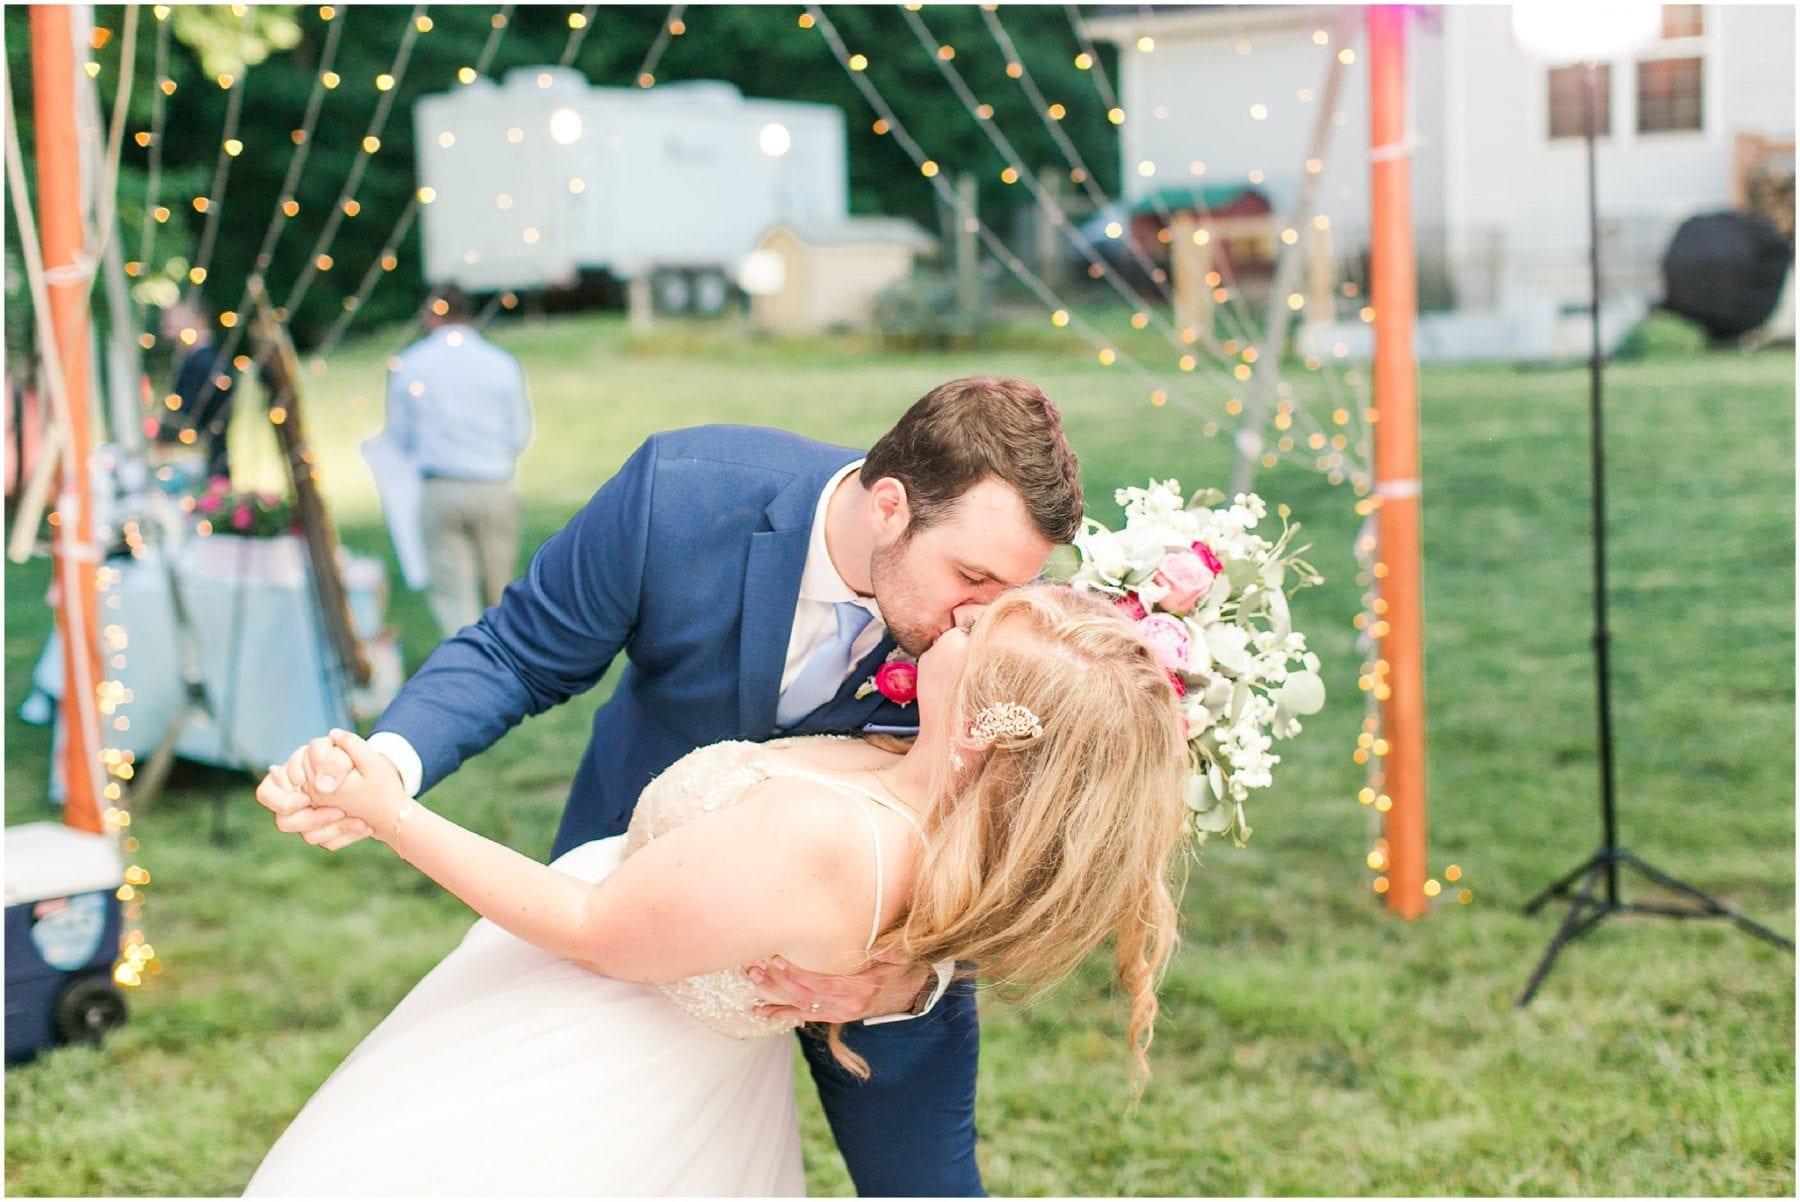 Maryland Backyard Wedding Photos Kelly & Zach Megan Kelsey Photography-296.jpg